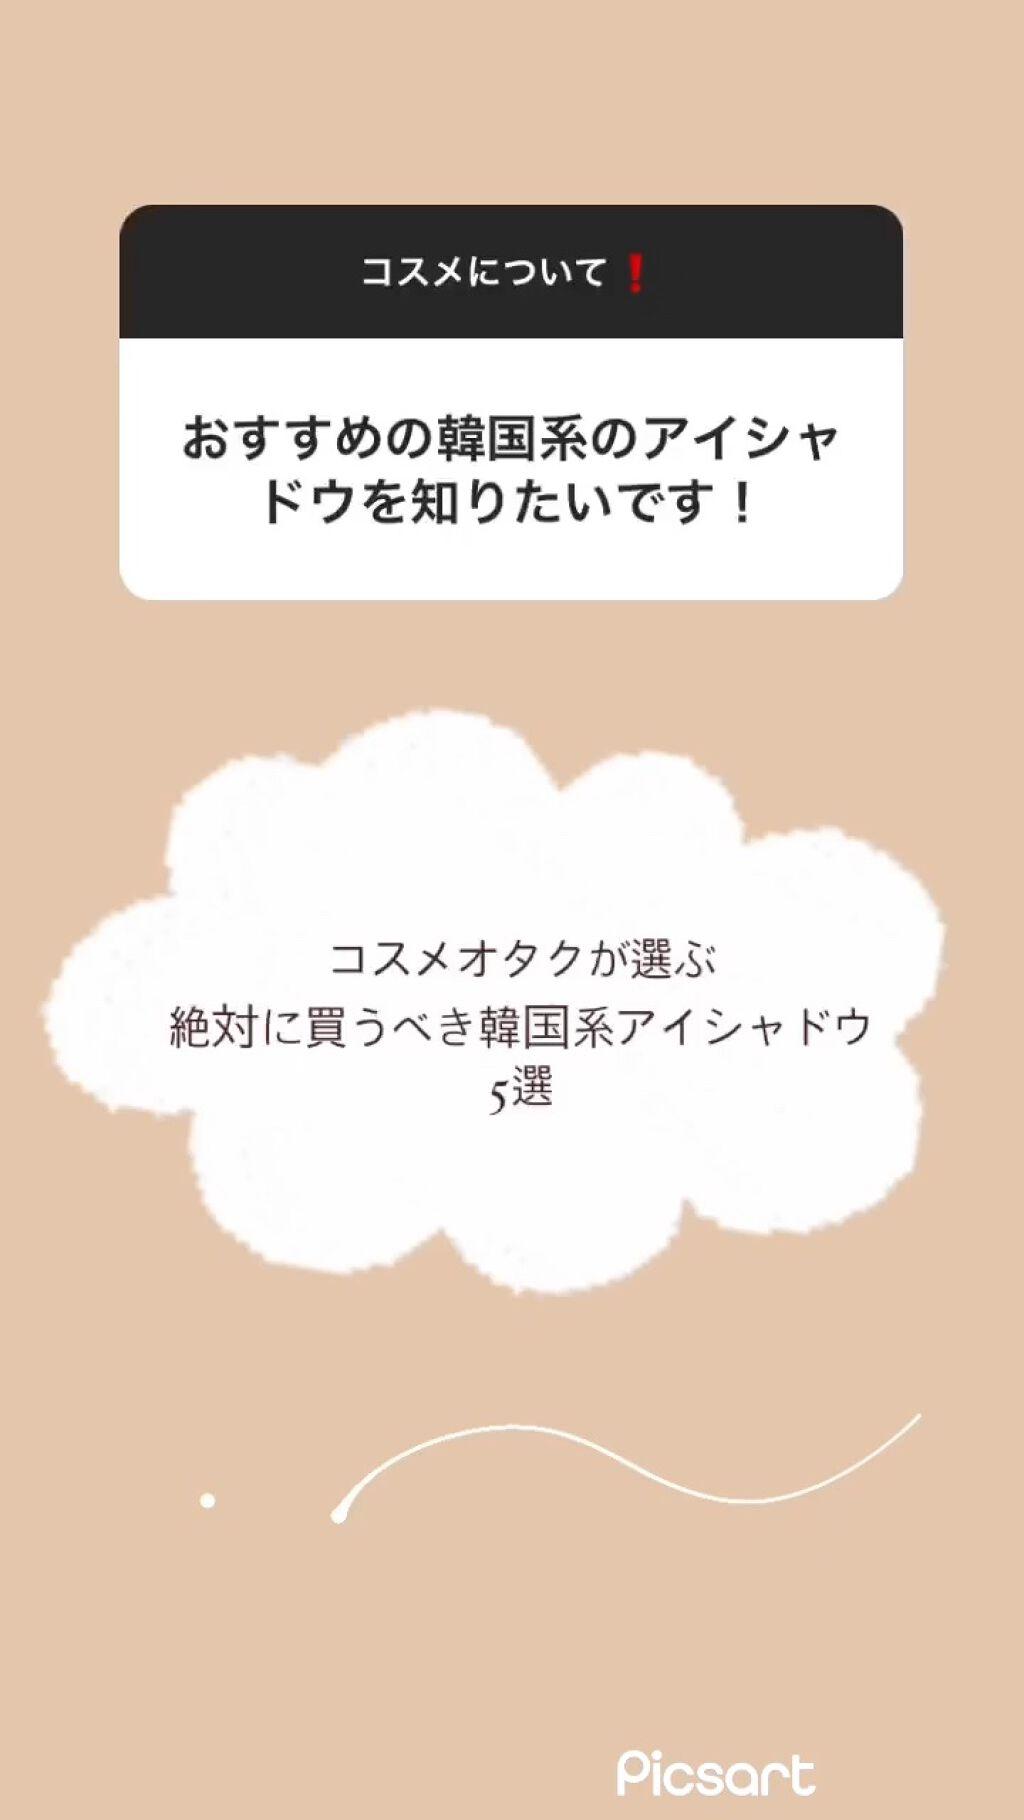 リンカ🐰 on LIPS 「『韓国コスメでオススメのアイシャドウは?』韓国系のアイシャドウ..」(1枚目)